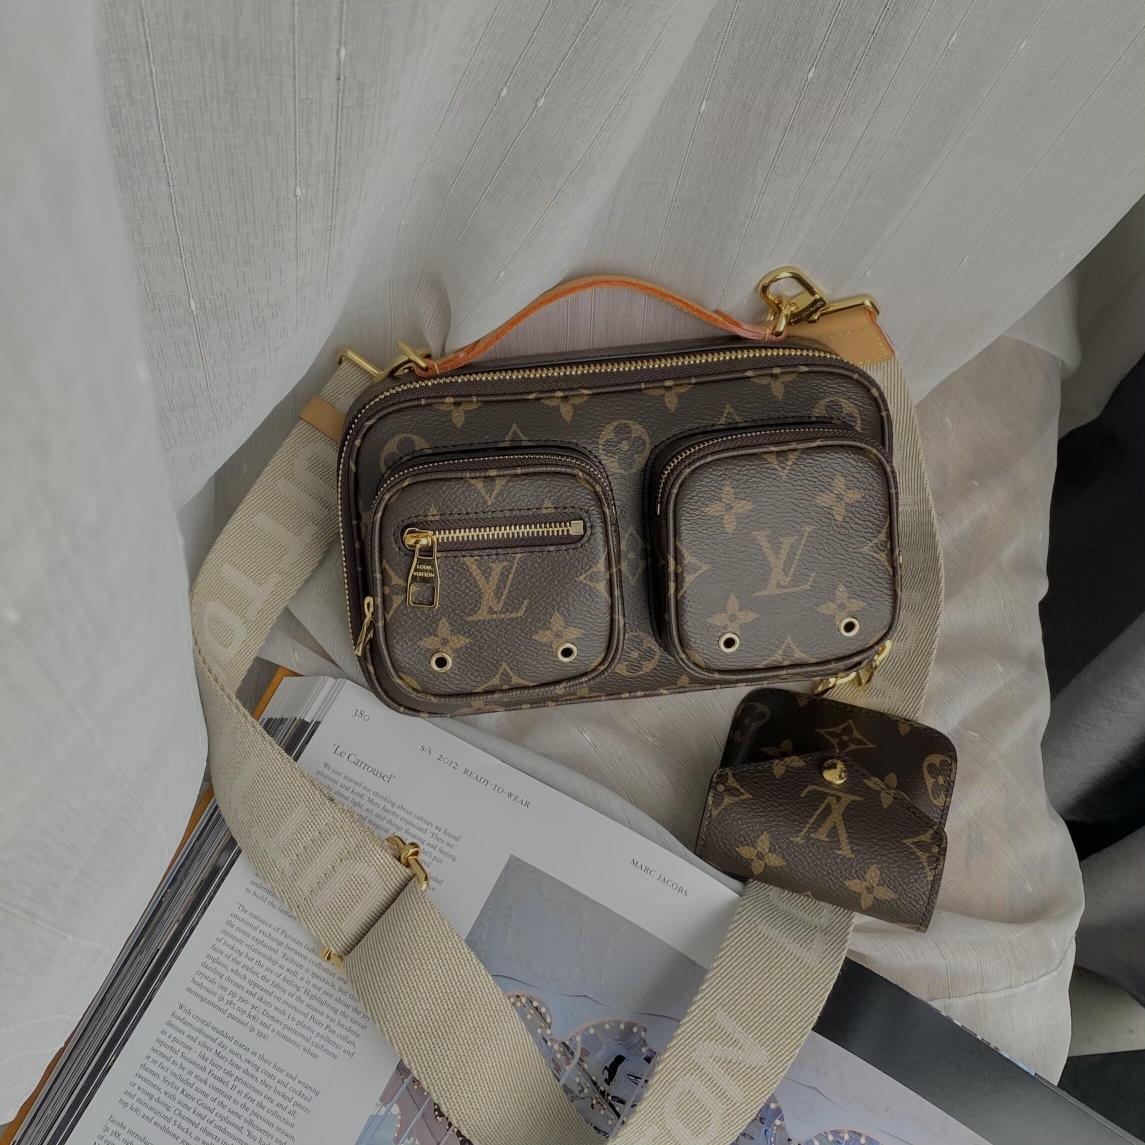 【¥1250】LV最新二合一机车相机包80446 又酷又飒 时尚百搭